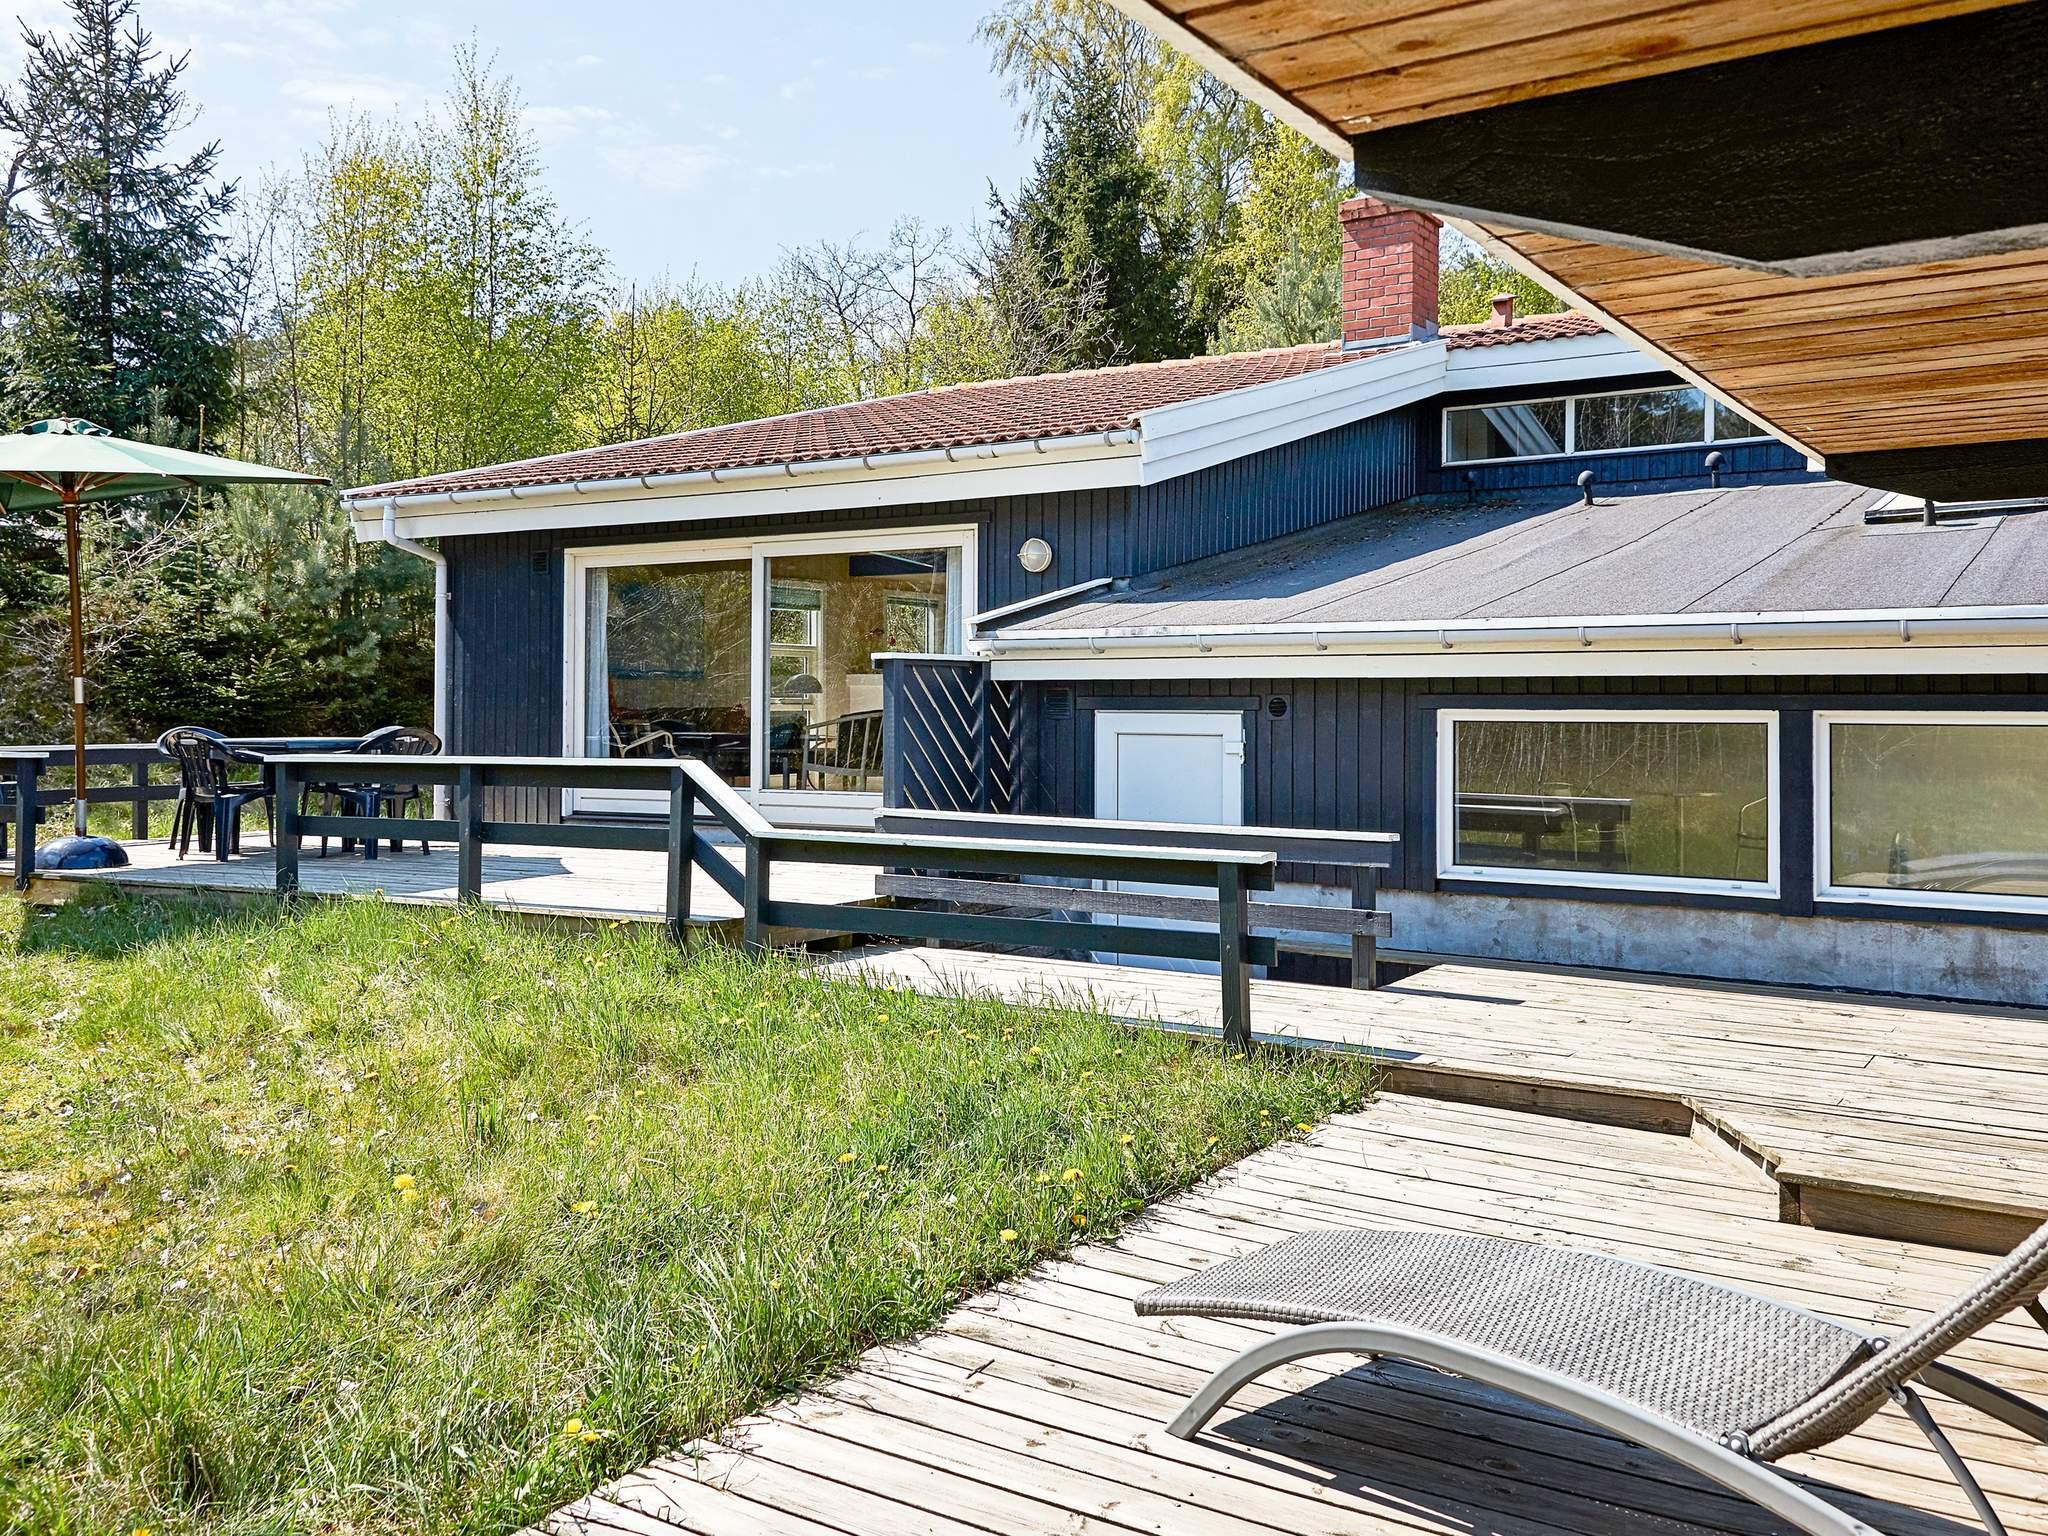 Ferienhaus Snogebæk (87008), Snogebæk, , Bornholm, Dänemark, Bild 18